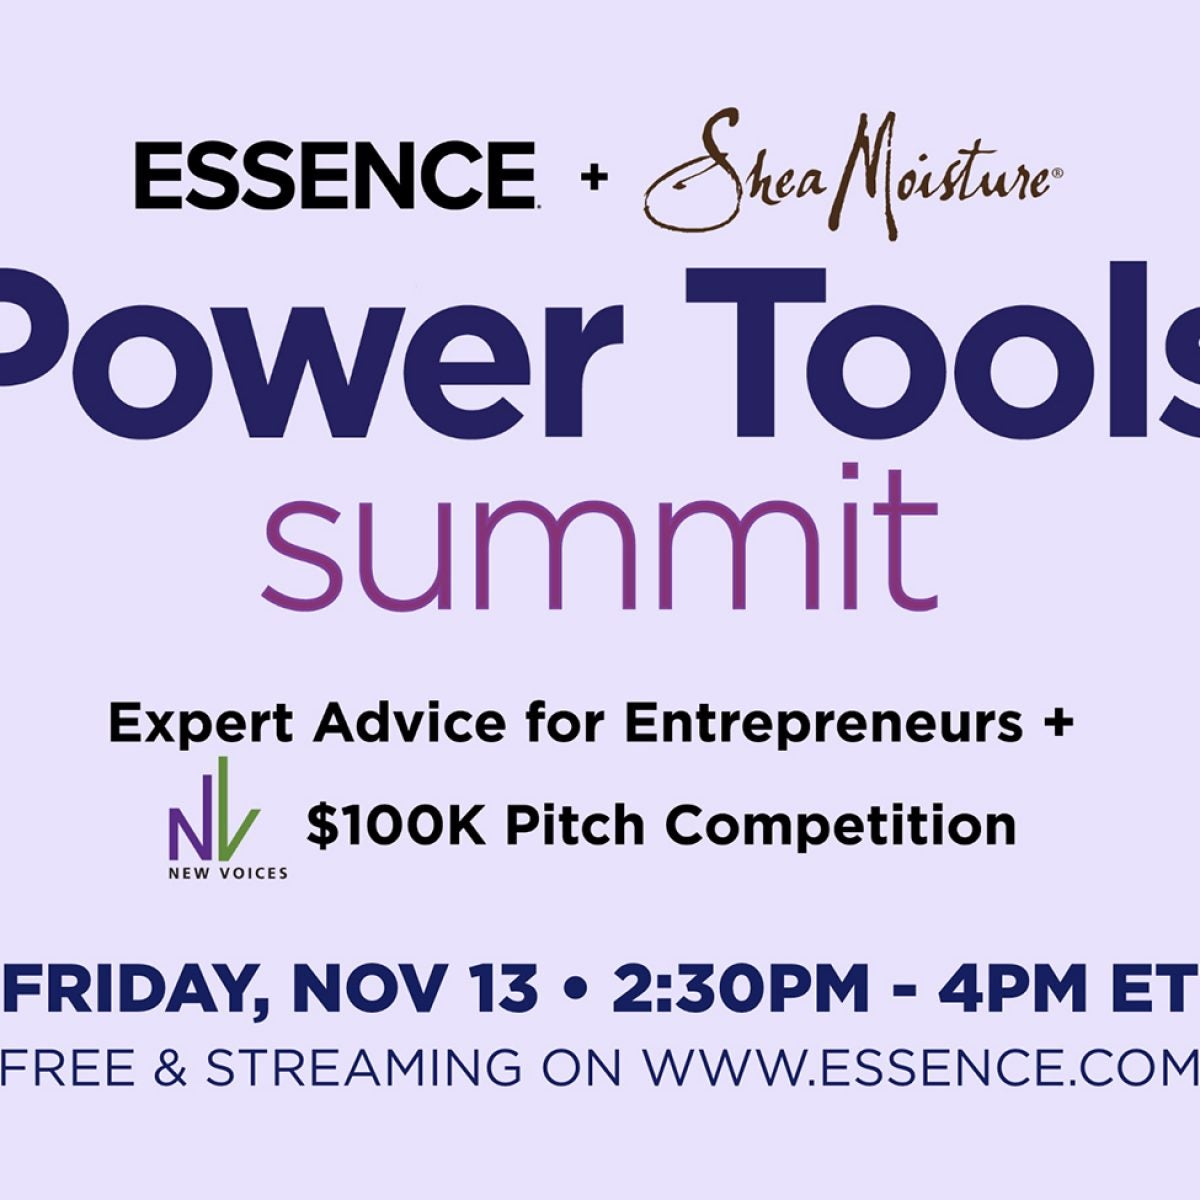 Essence + SheaMoisture Power Tools Summit - Essence